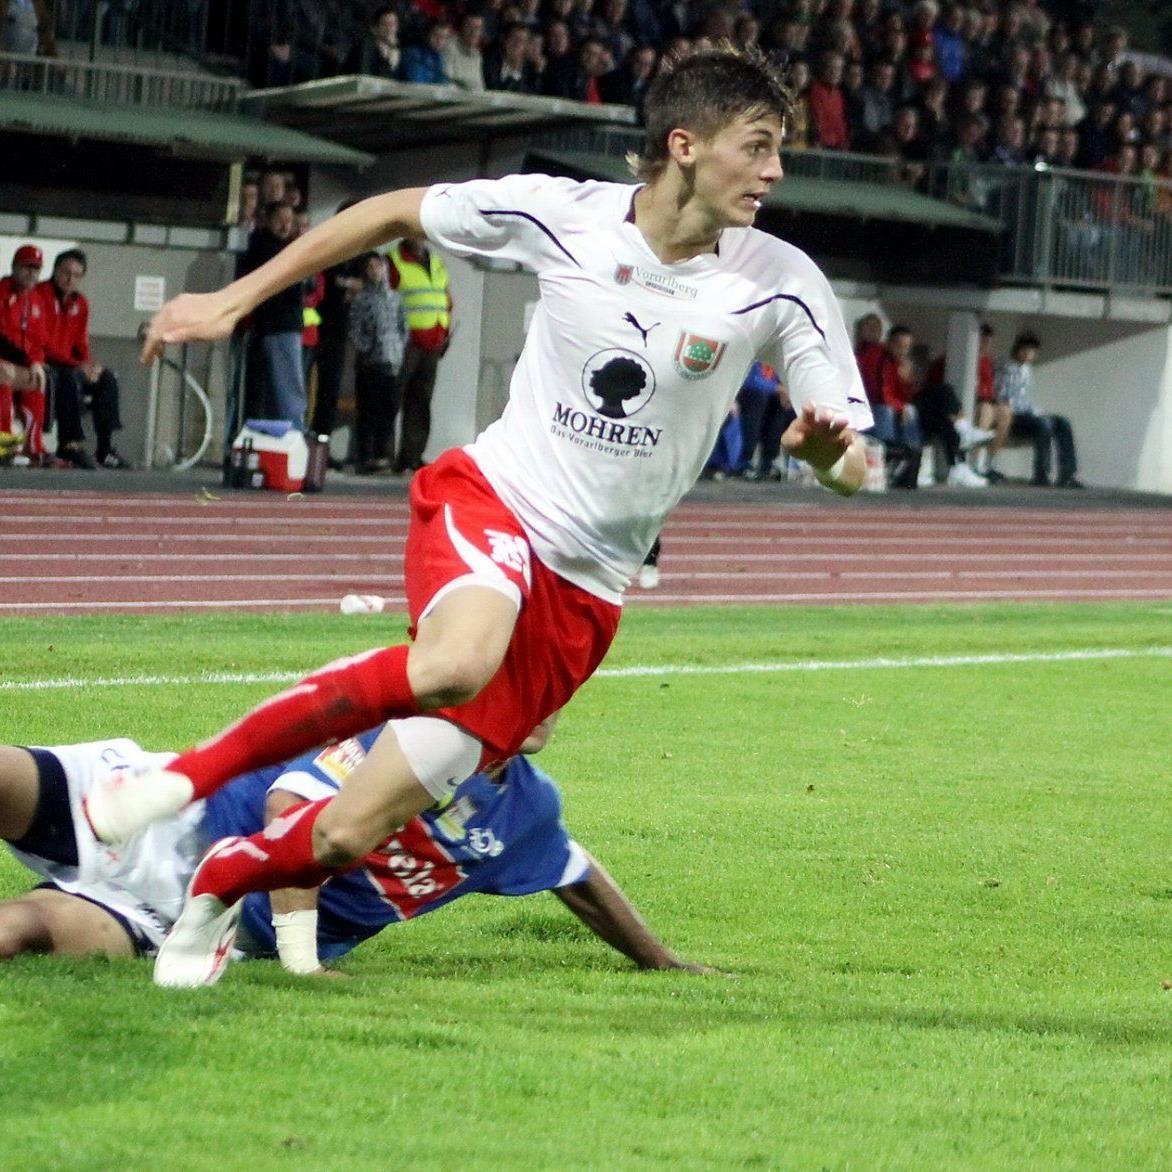 Daniel Krenn spielt als Jungprofi bei RB Salzburg und glänzt mit Toren und Spielwitz.